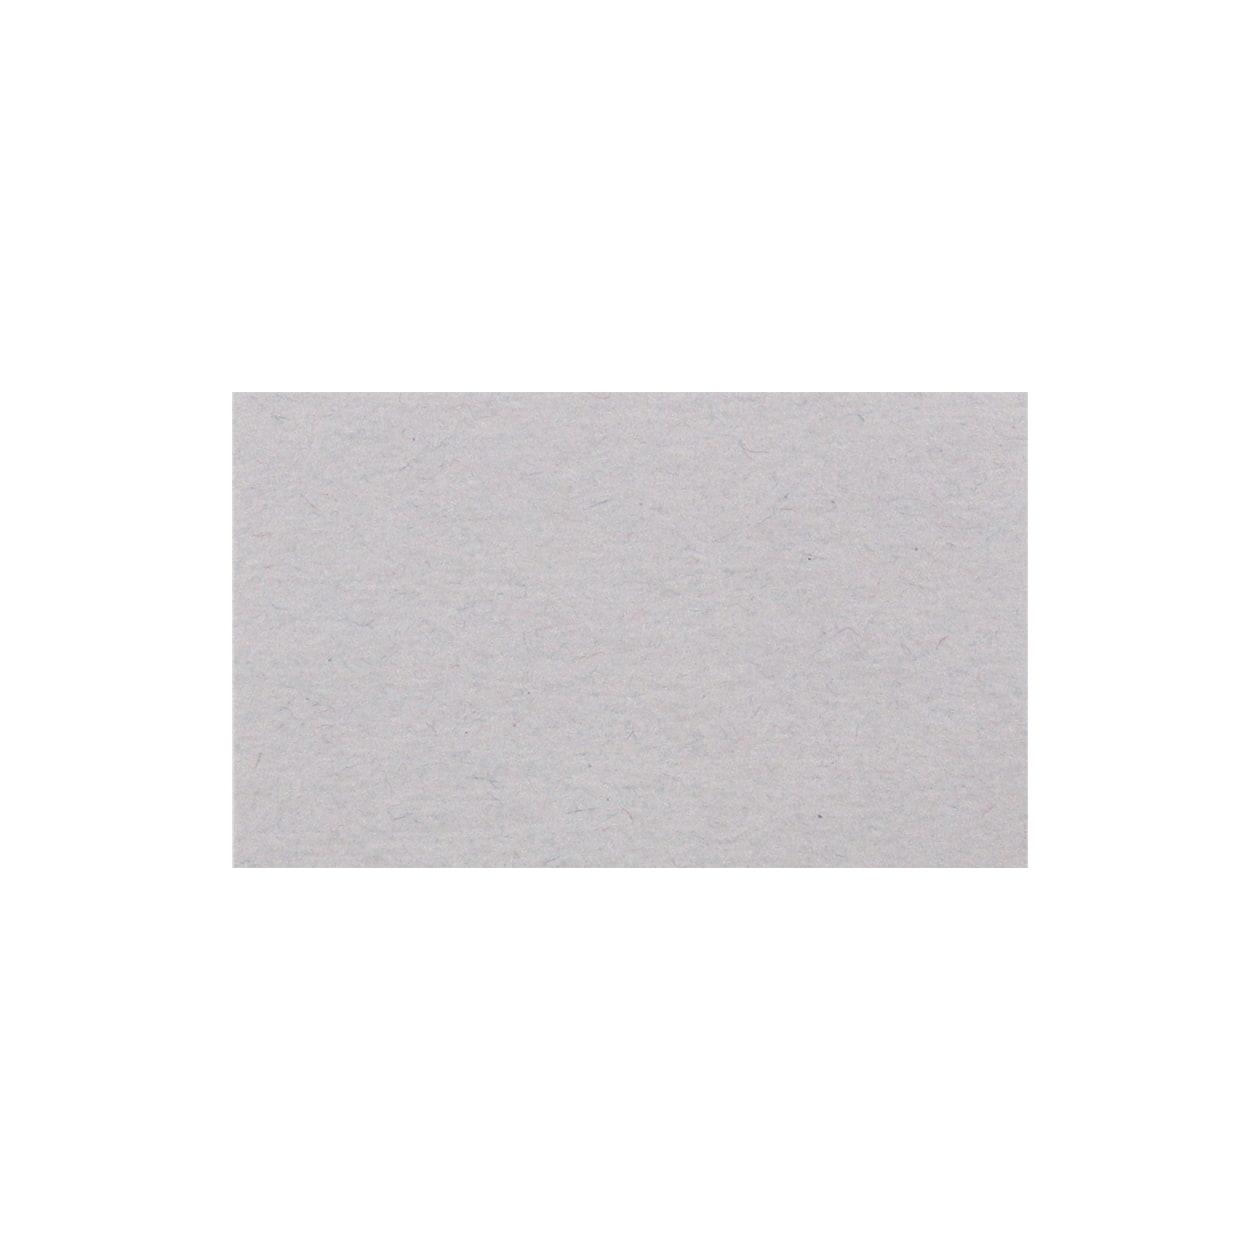 ネームカード HAGURUMA Basic ライナーグレイ 200g